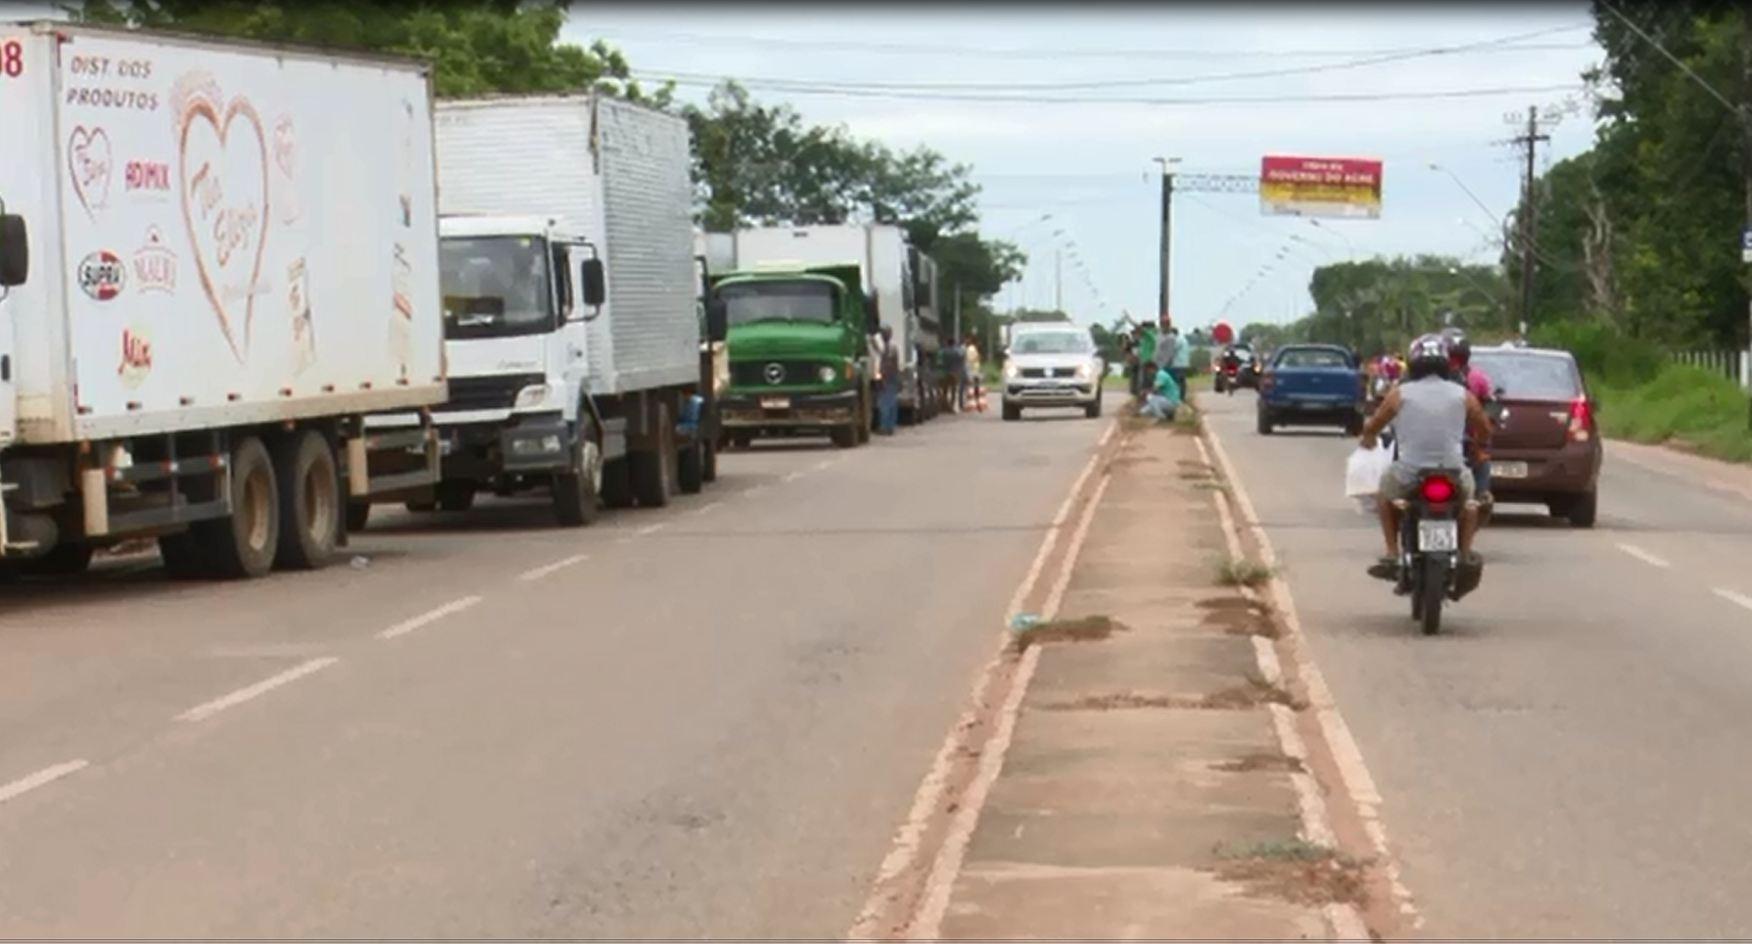 Protesto de caminhoneiros segue para o 3º dia no Acre e três rodovias continuam fechadas